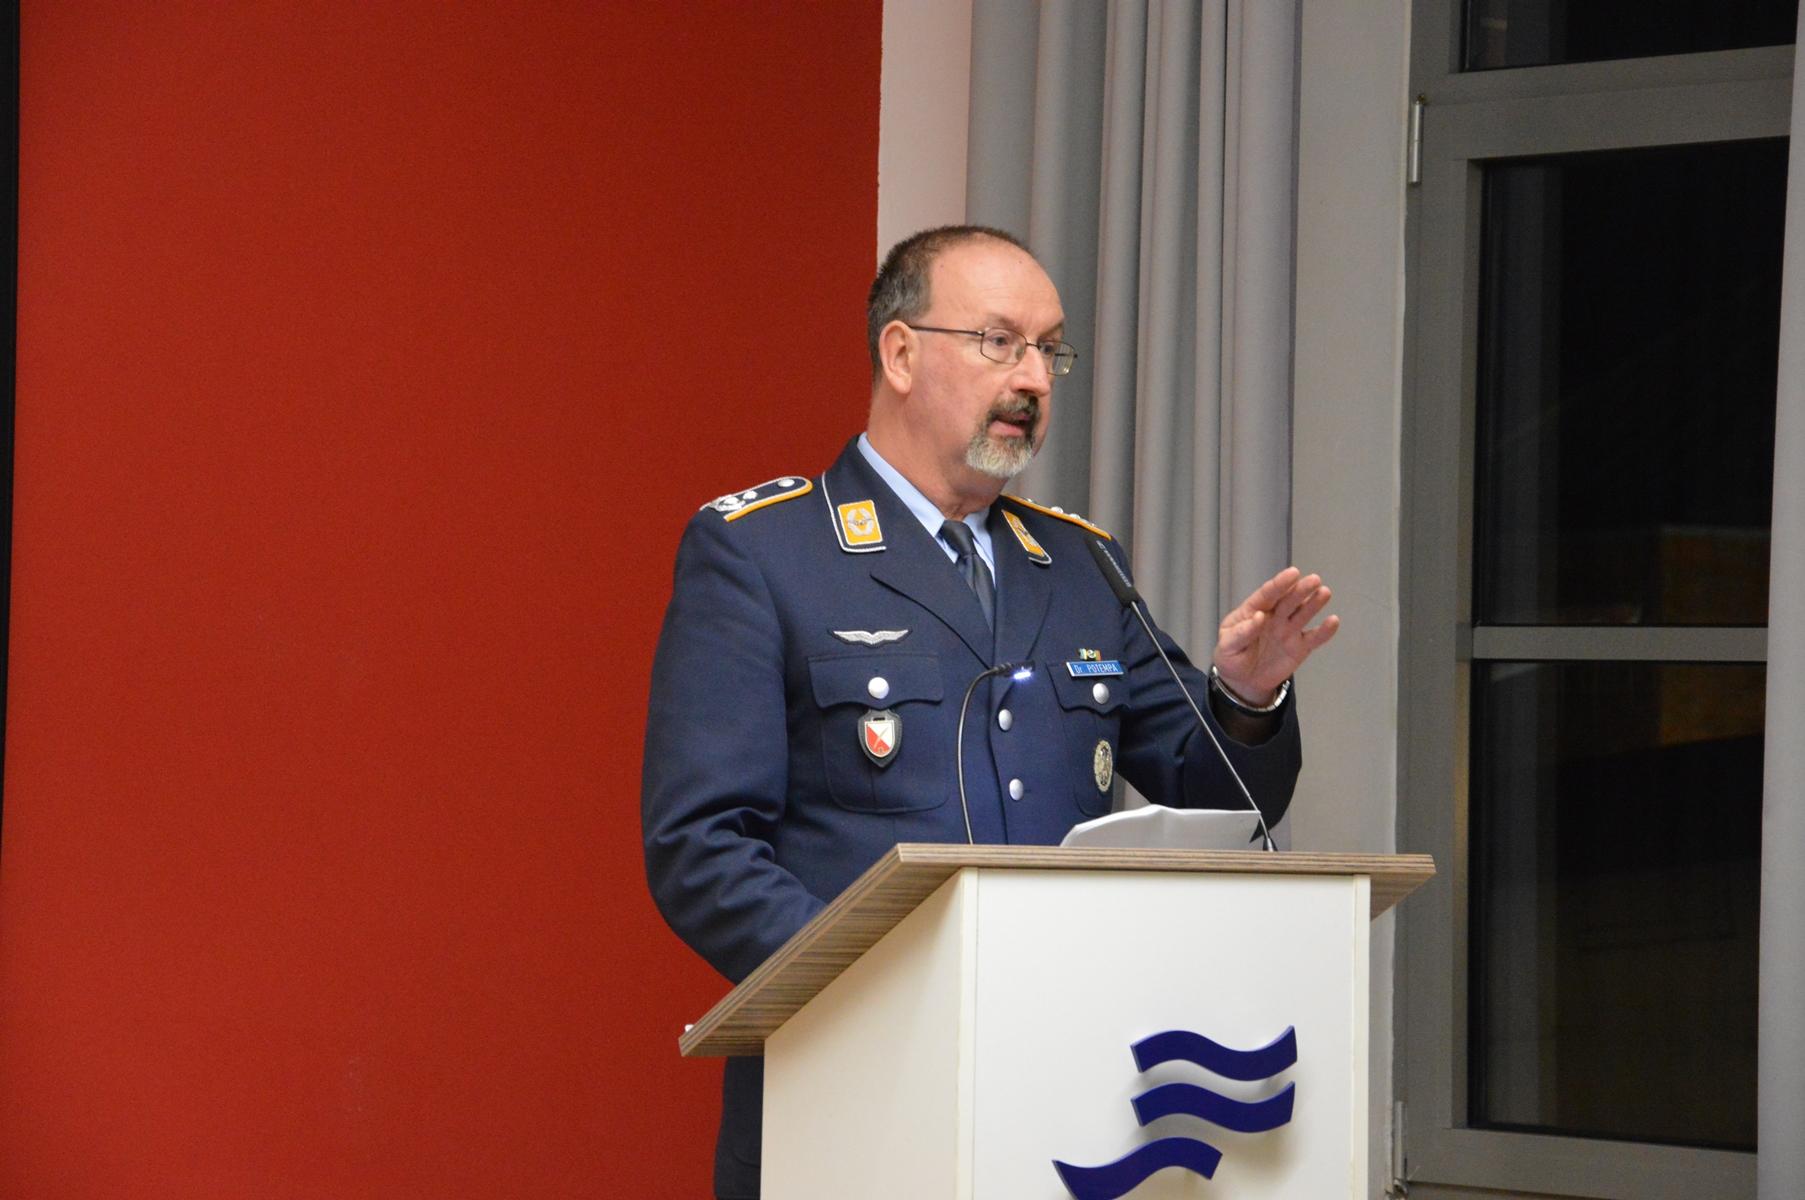 Oberstleutnant Dr. Harald Potempa